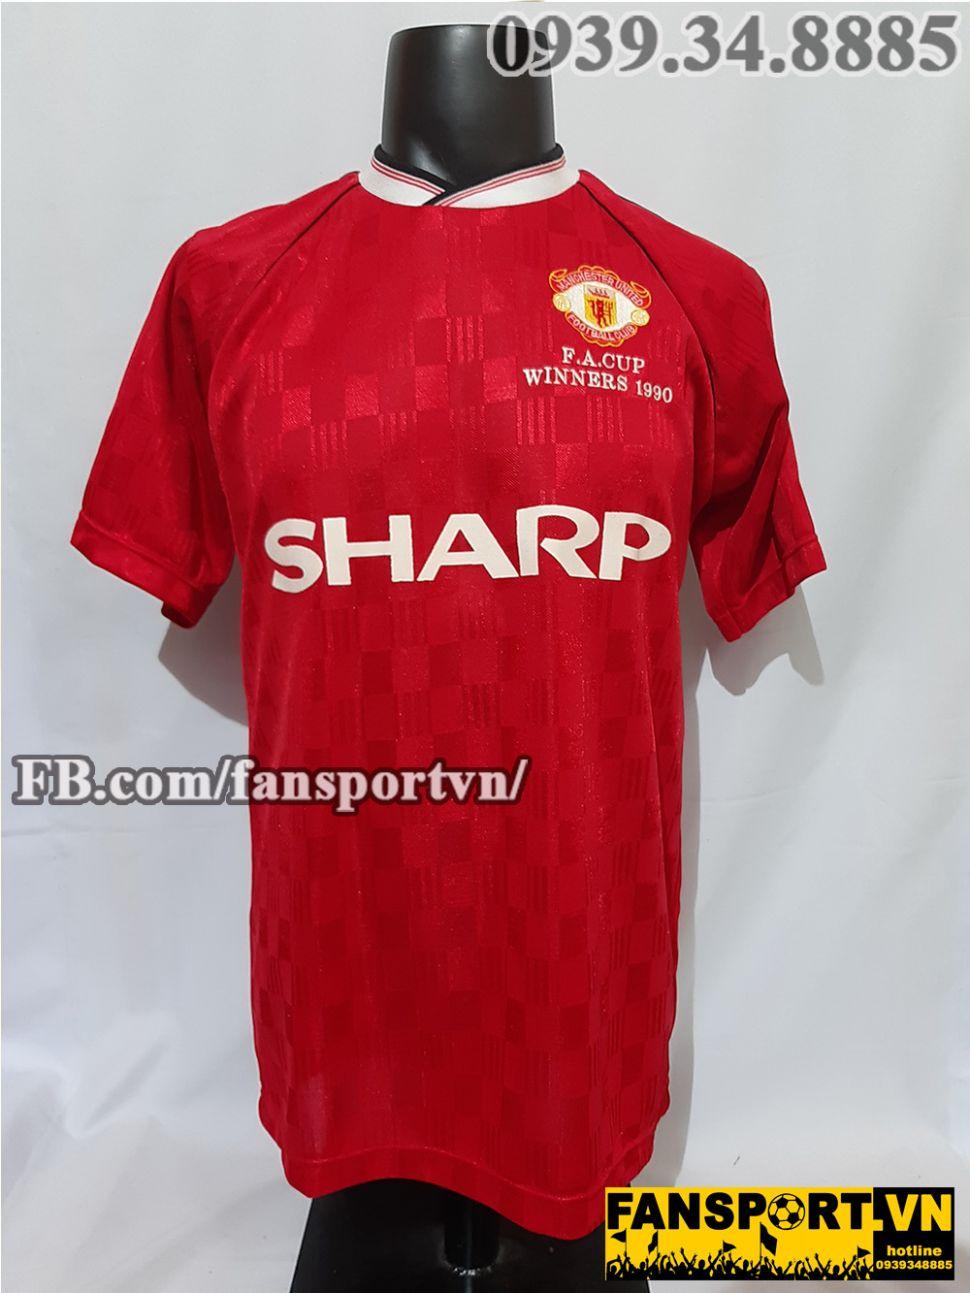 pretty nice 609af f3abe Áo đấu Manchester United FA Cup winner 1990 home shirt ...